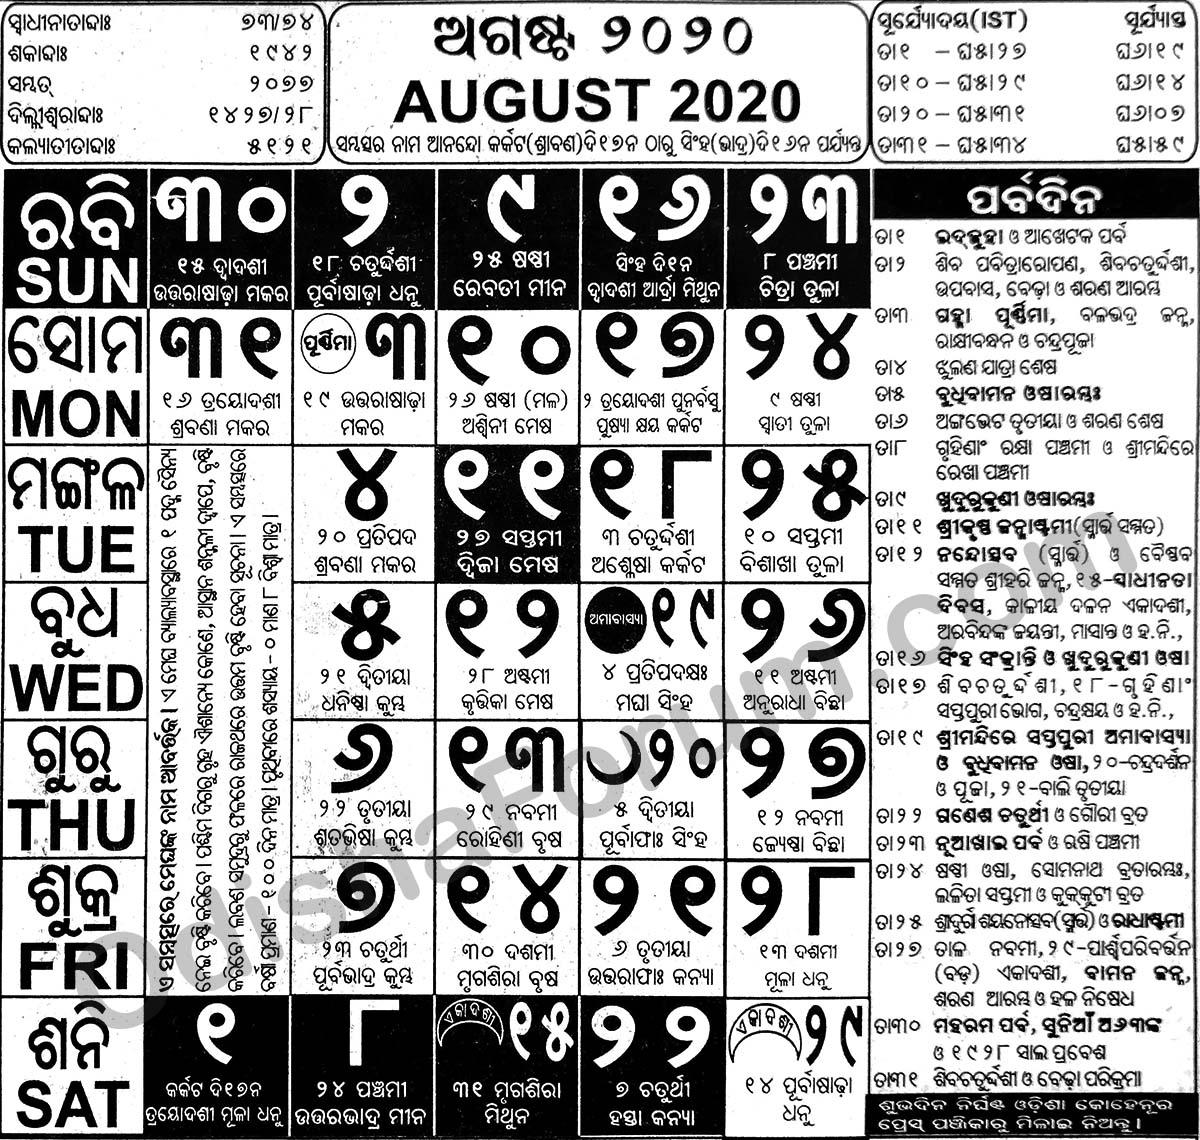 2020 August Oriya Calendar